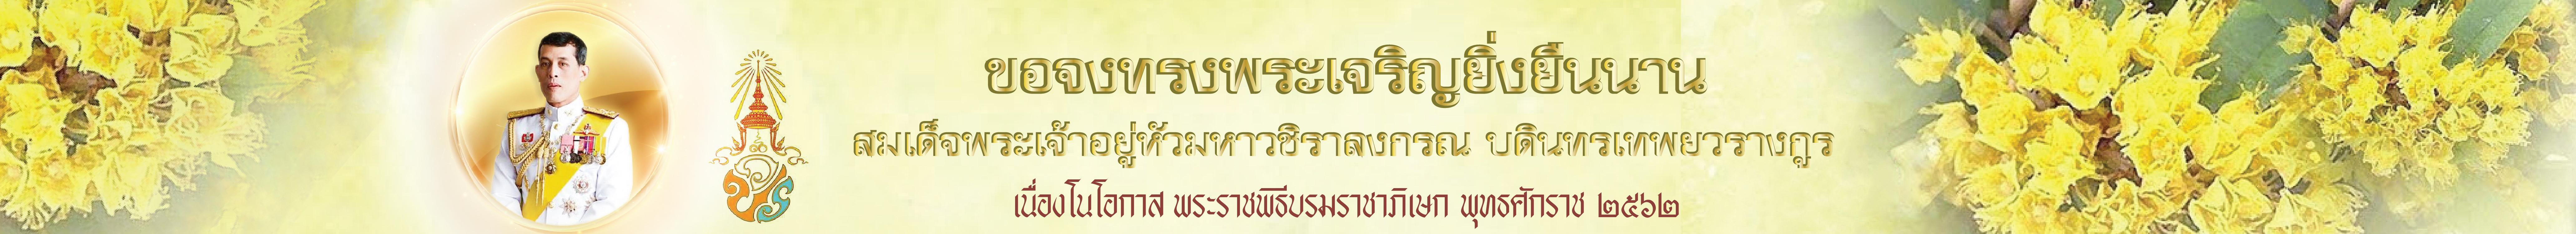 พระราชพิธีบรมราชาภิเษก ๒๕๖๒